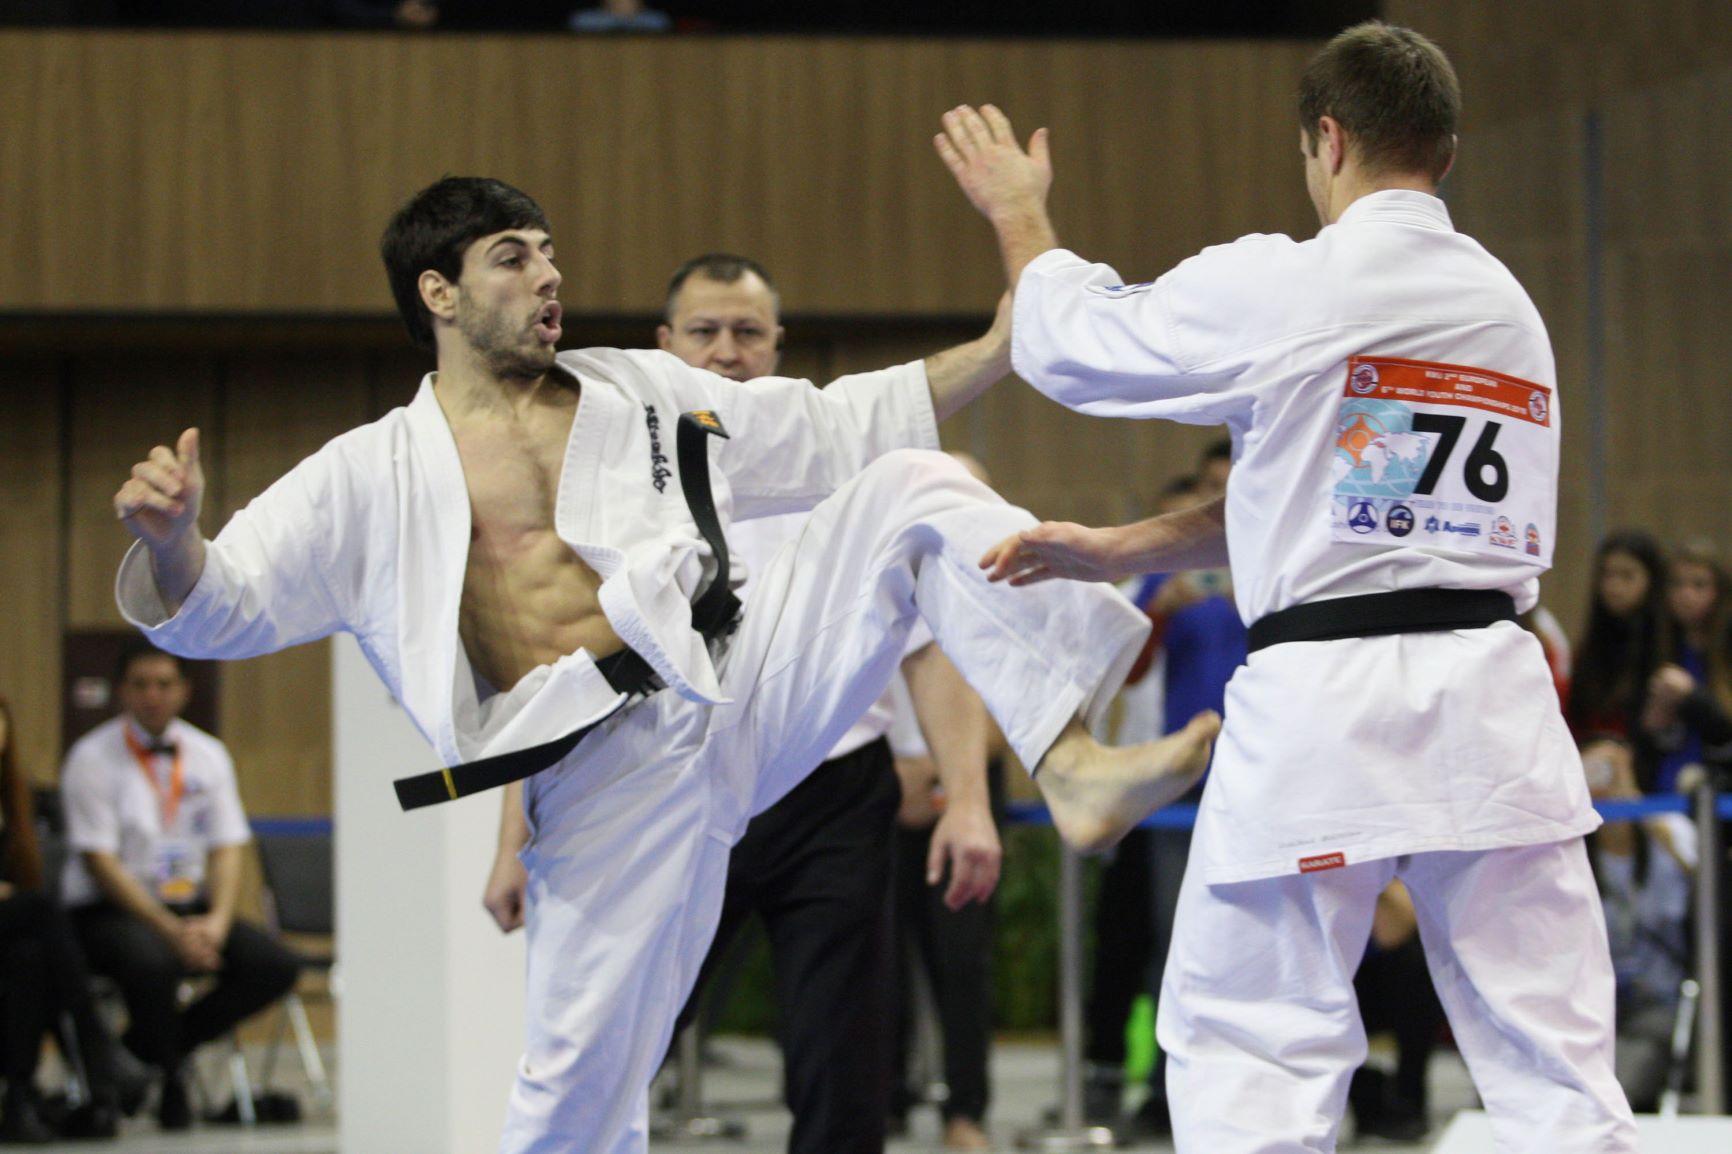 Димитър Димитров: Доволен съм, въпреки загубата (ВИДЕО)